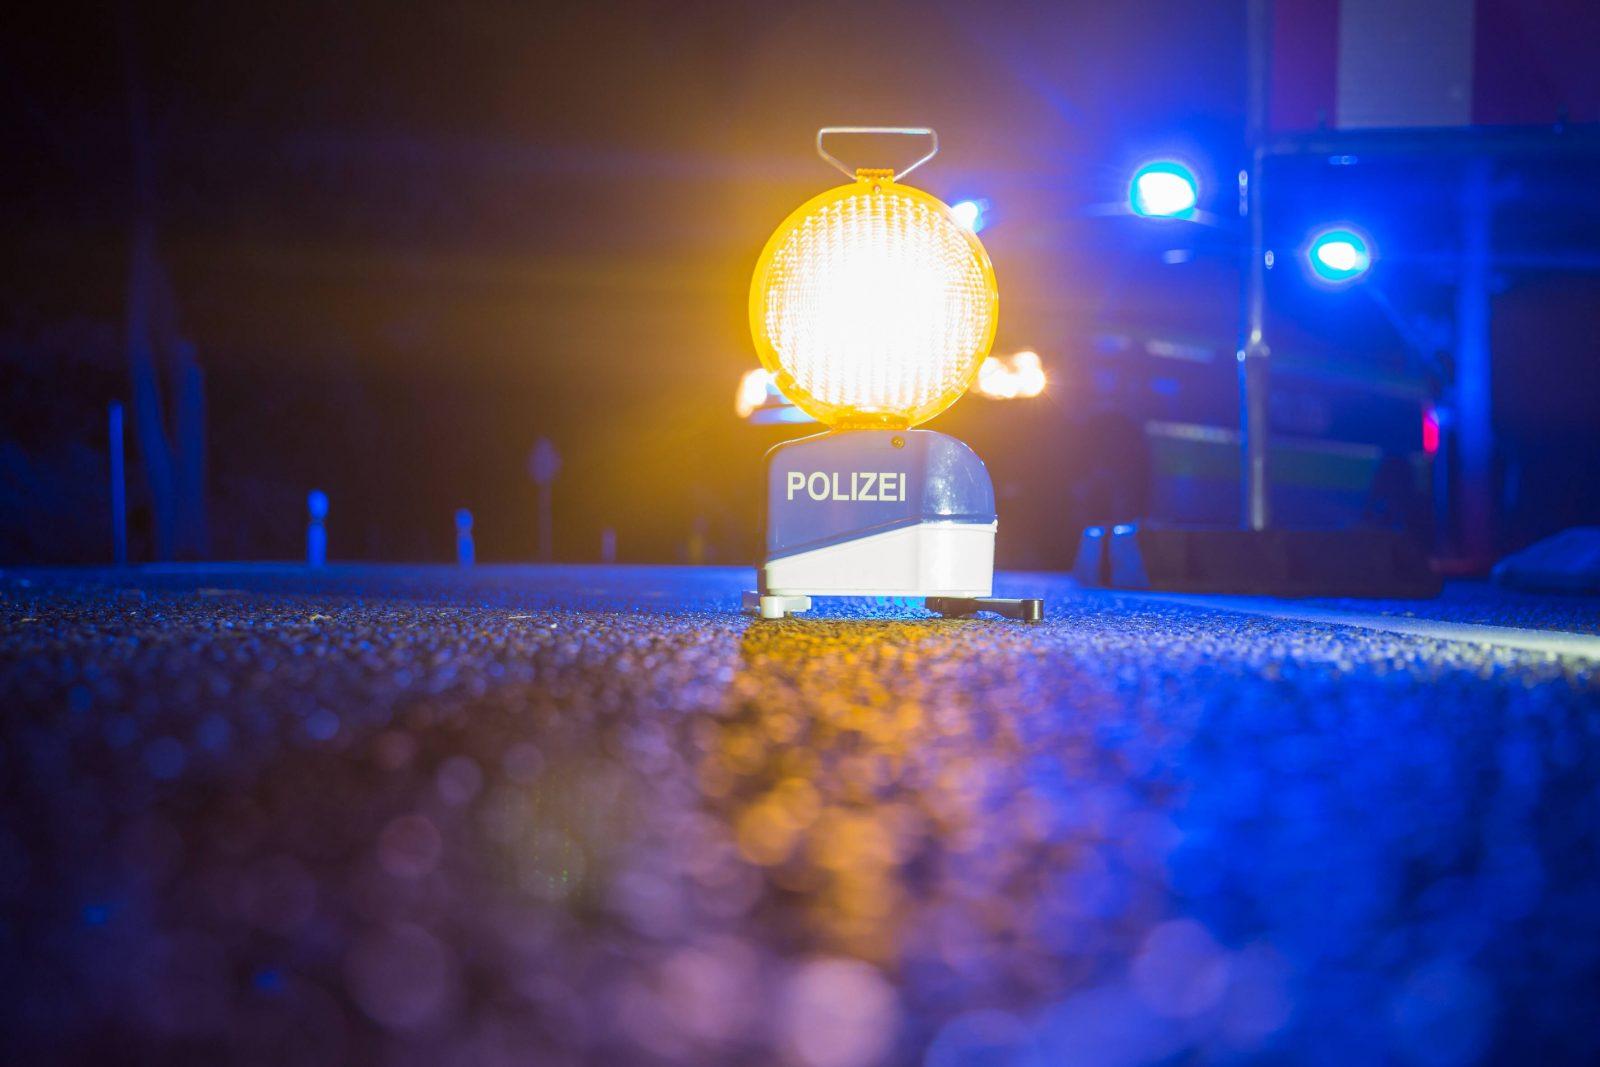 Nächtlicher Polizeieinsatz